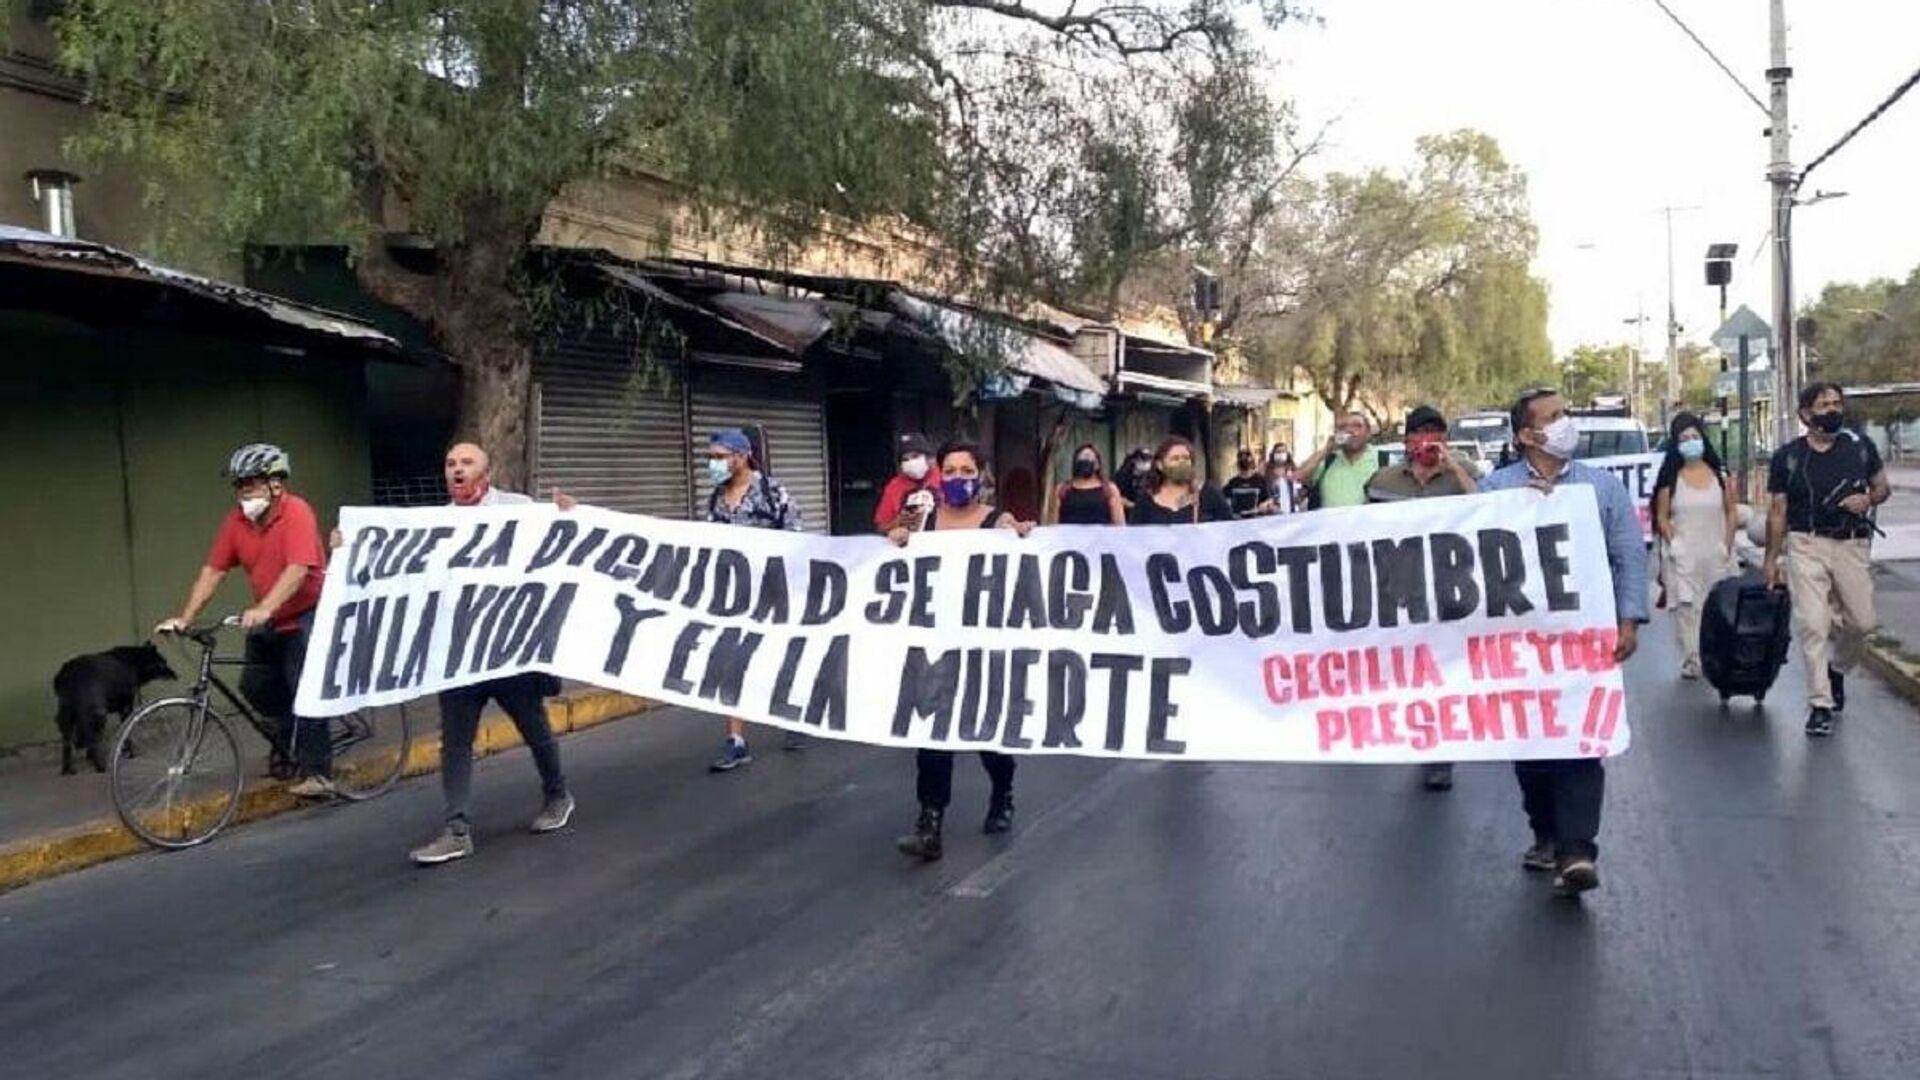 Manifestación de apoyo a Cecilia Heyder  - Sputnik Mundo, 1920, 09.03.2021